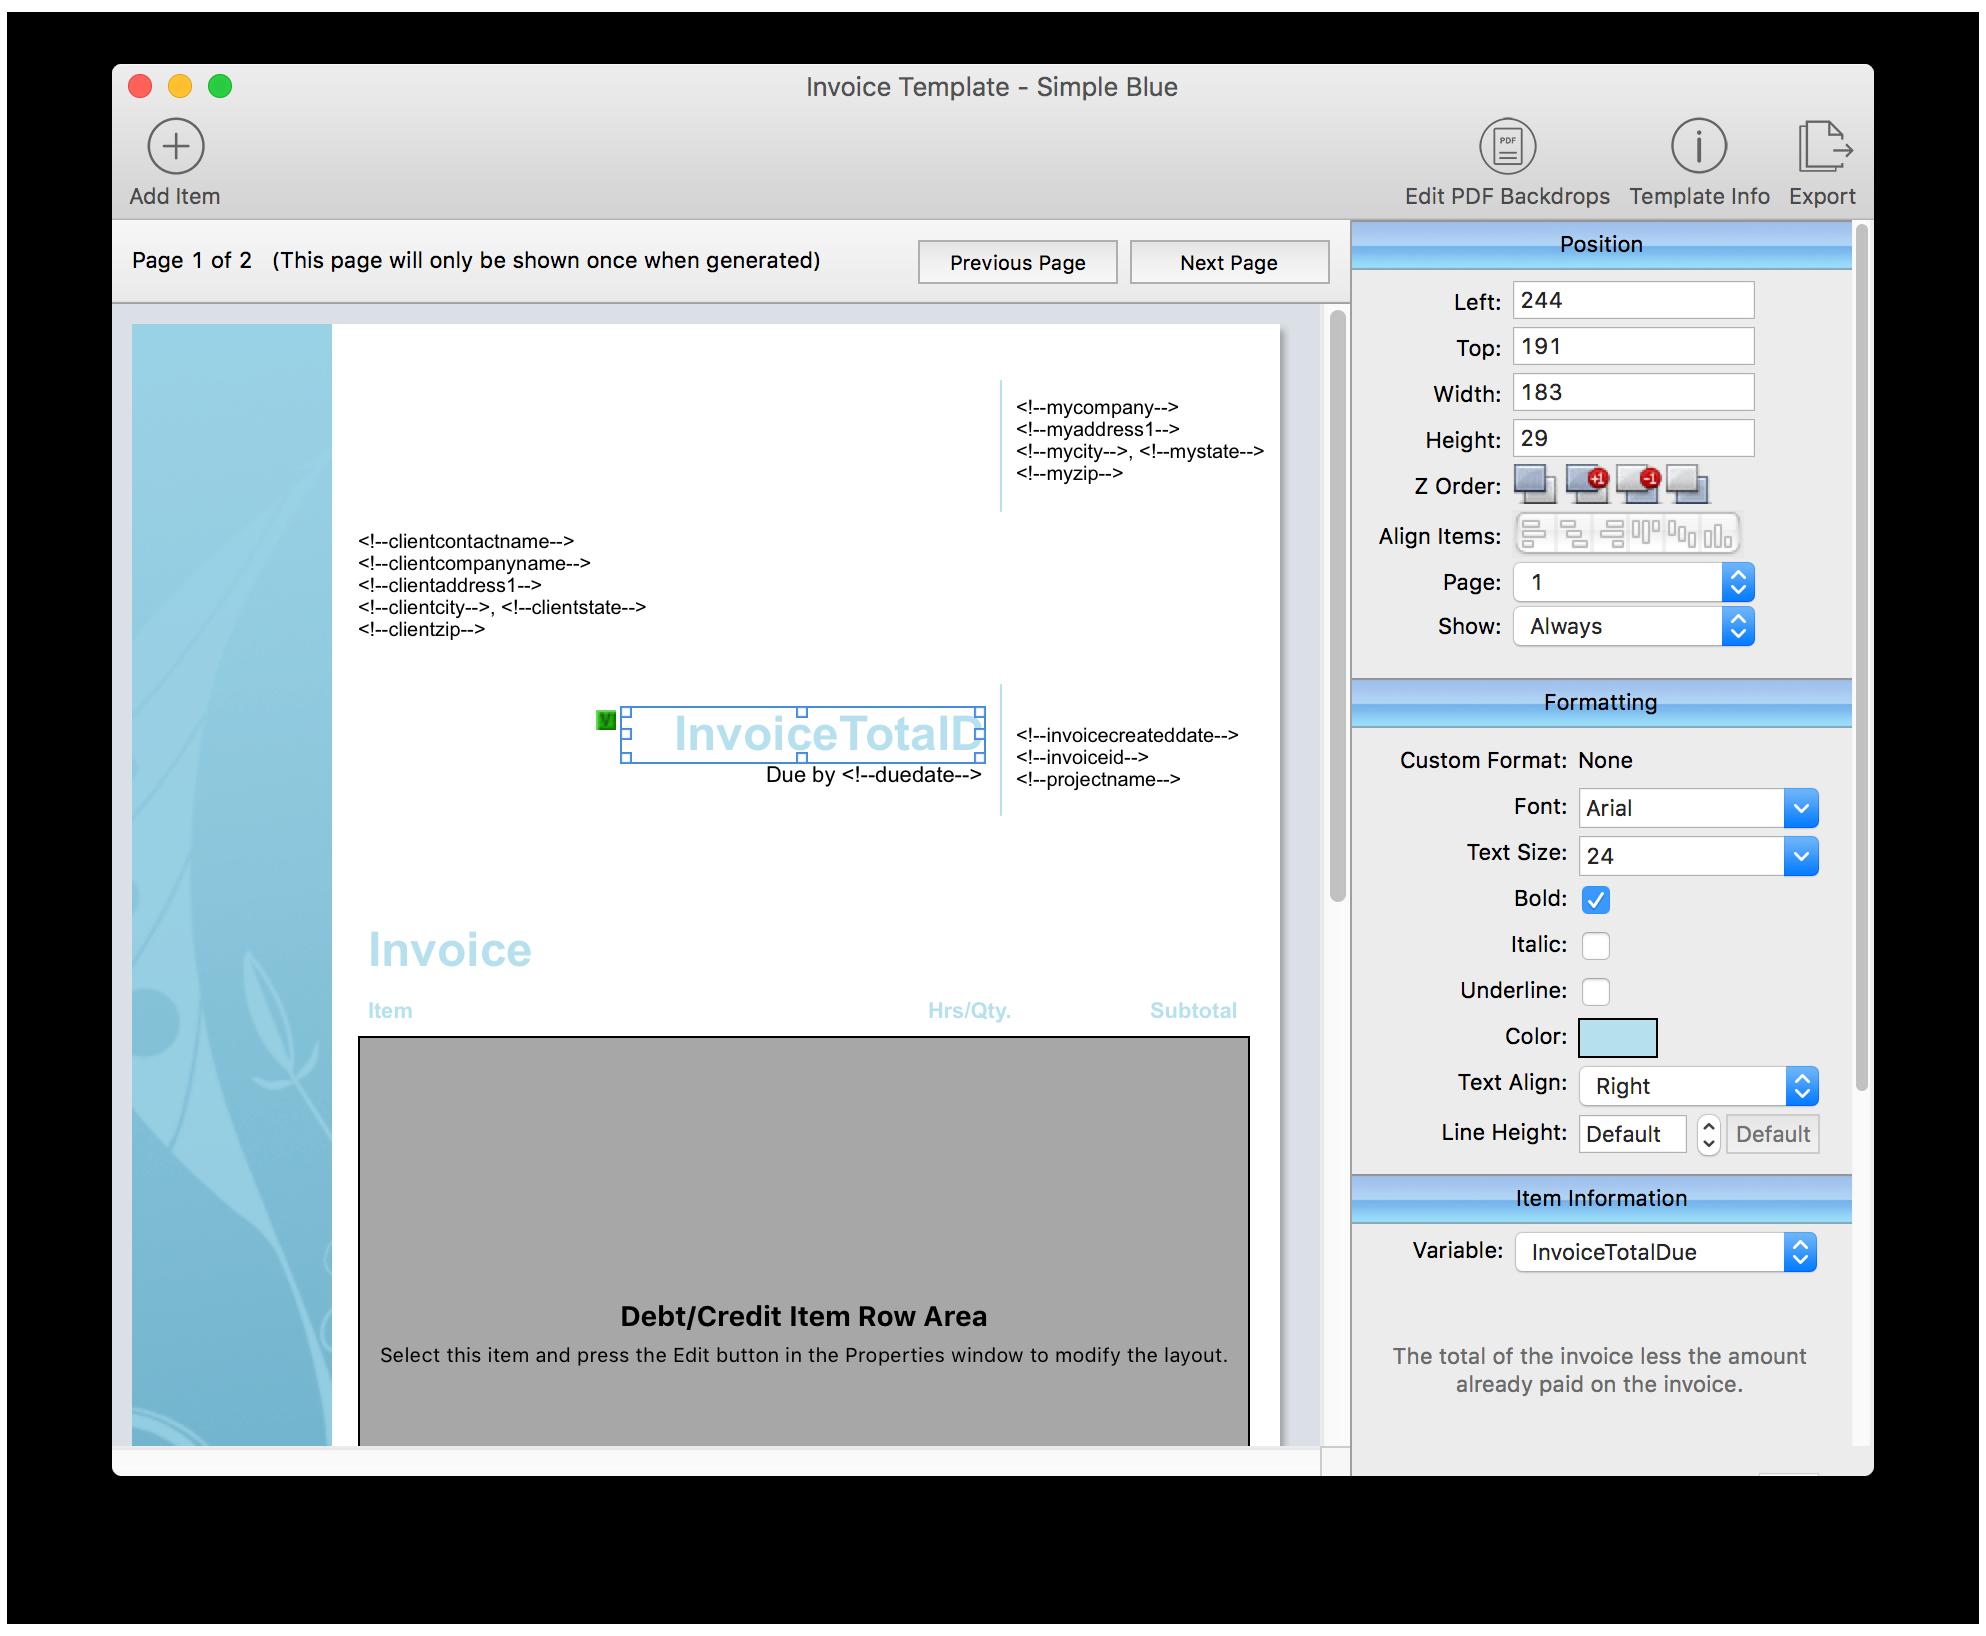 Invoice Template Editor